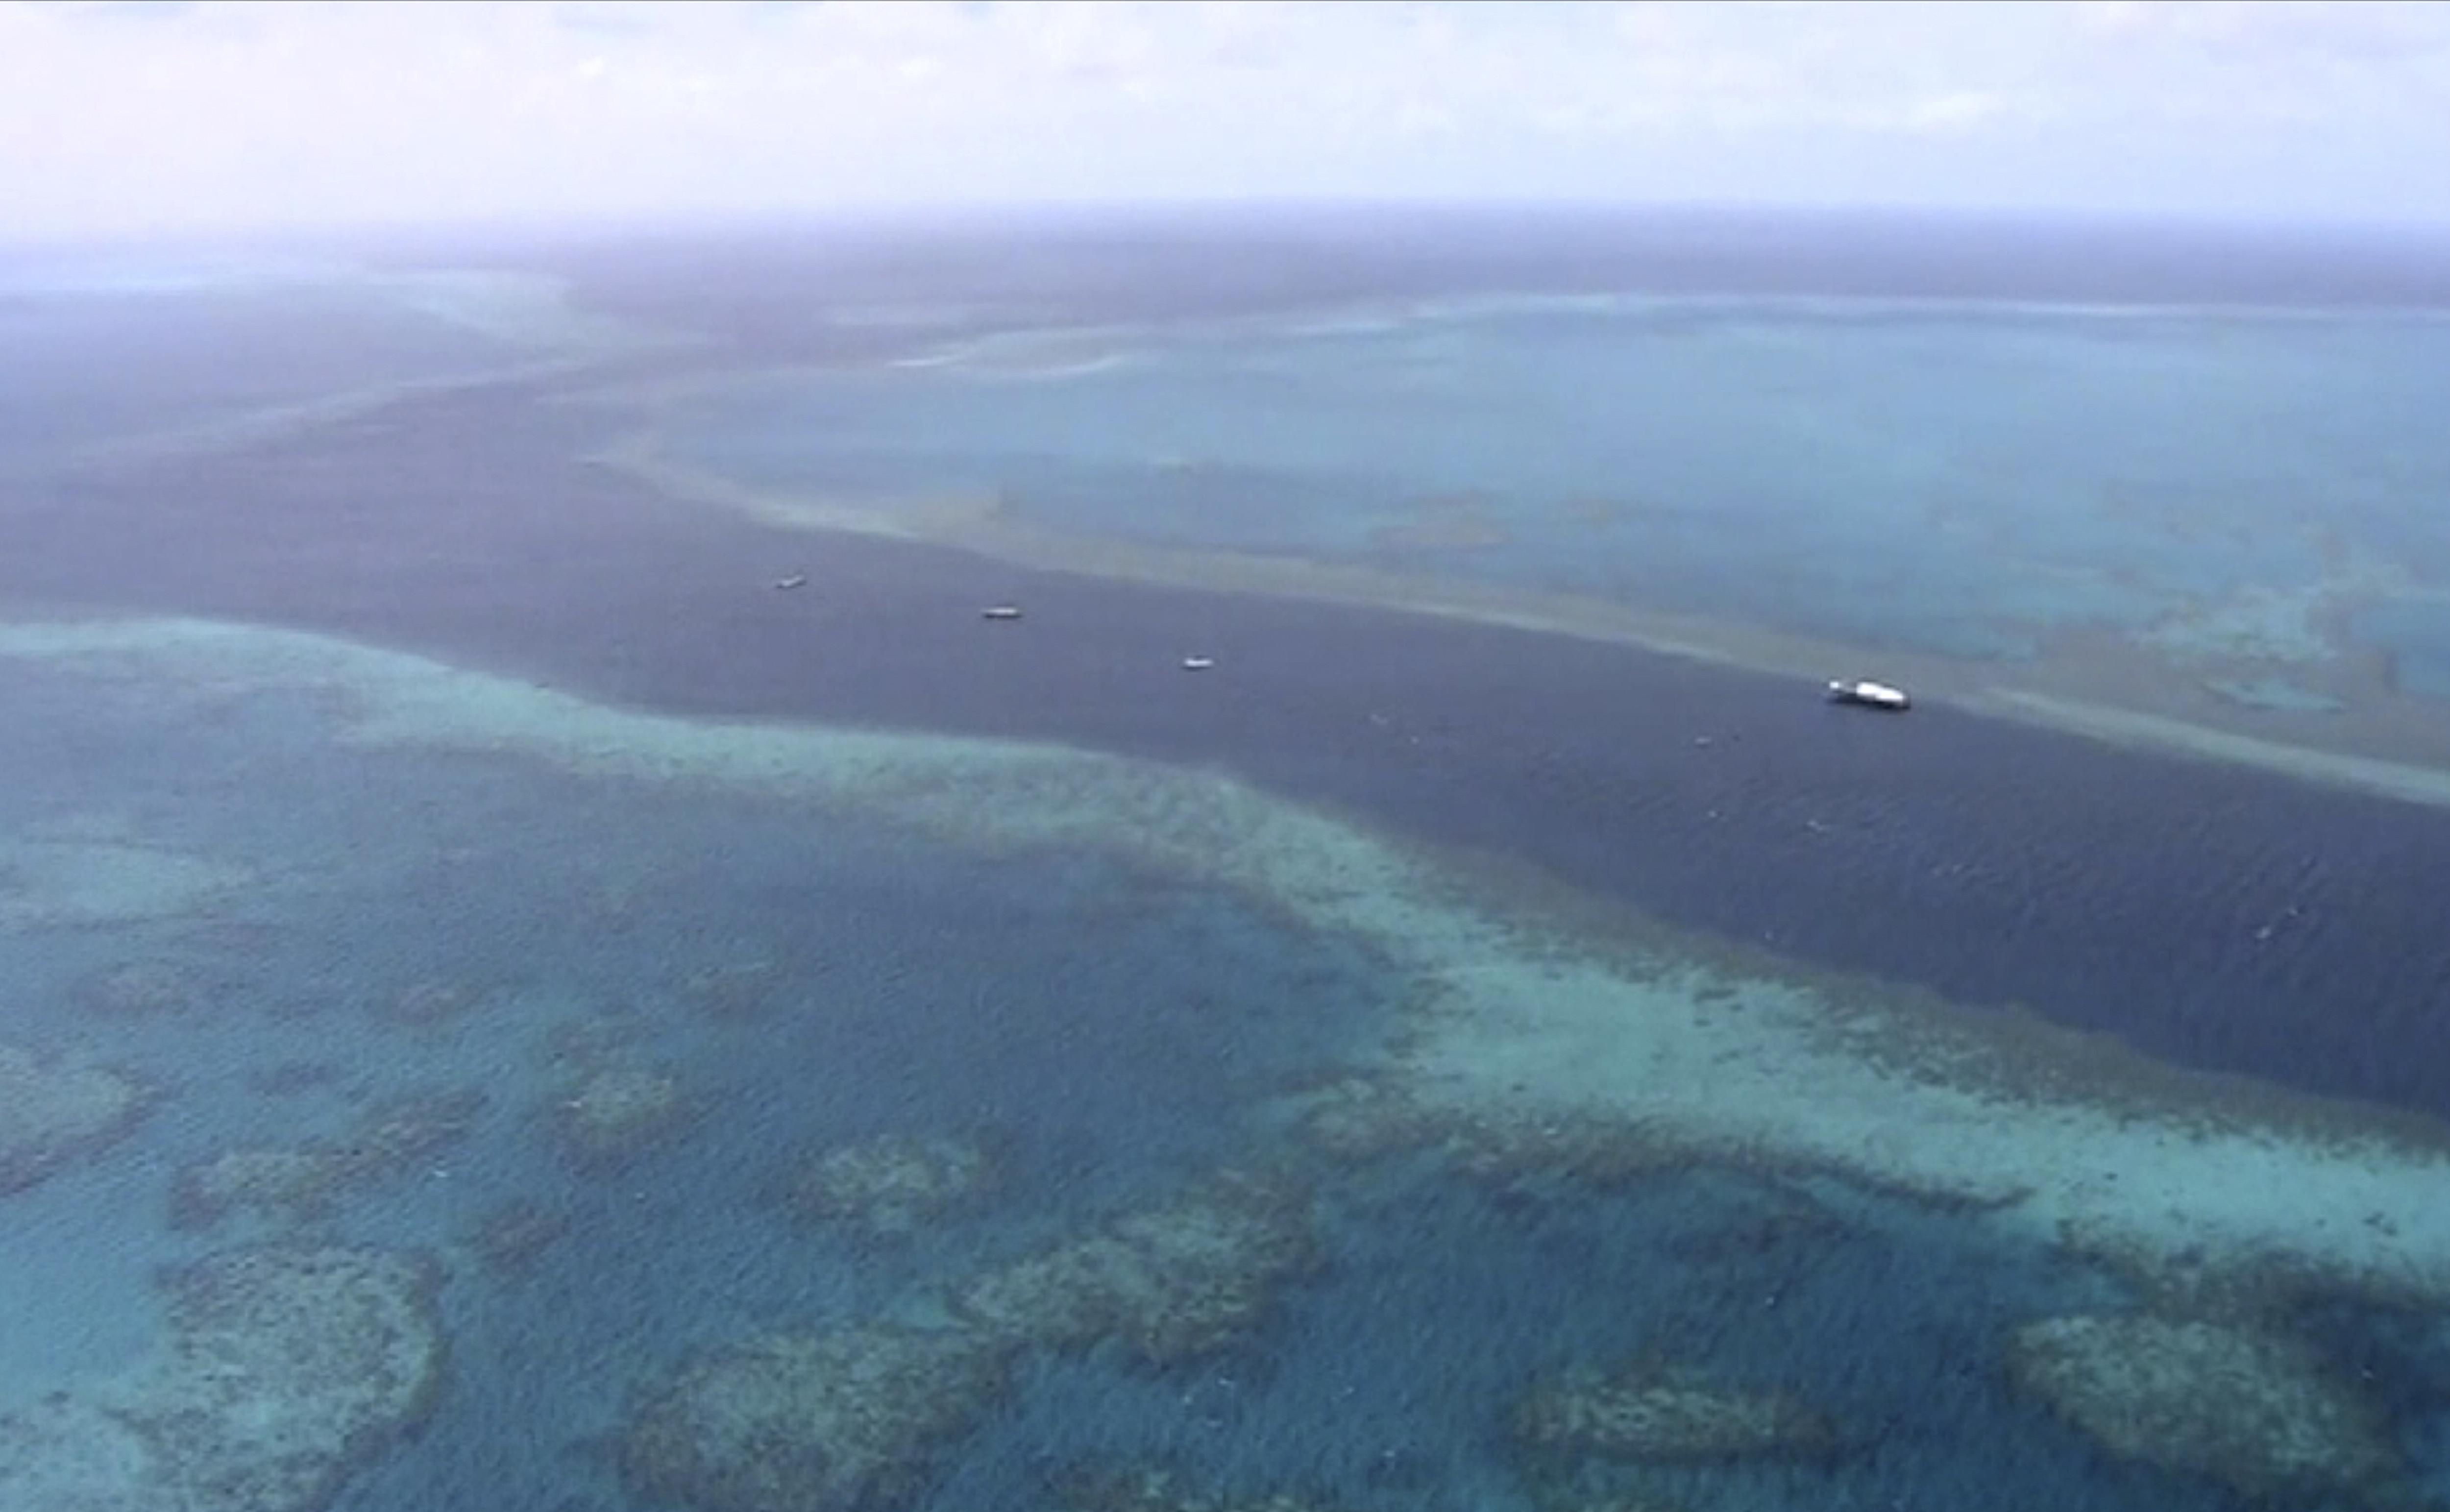 ▲▼大堡礁綿延約2600公里,是世界上最大的珊瑚礁體系。(圖/達志影像/美聯社)